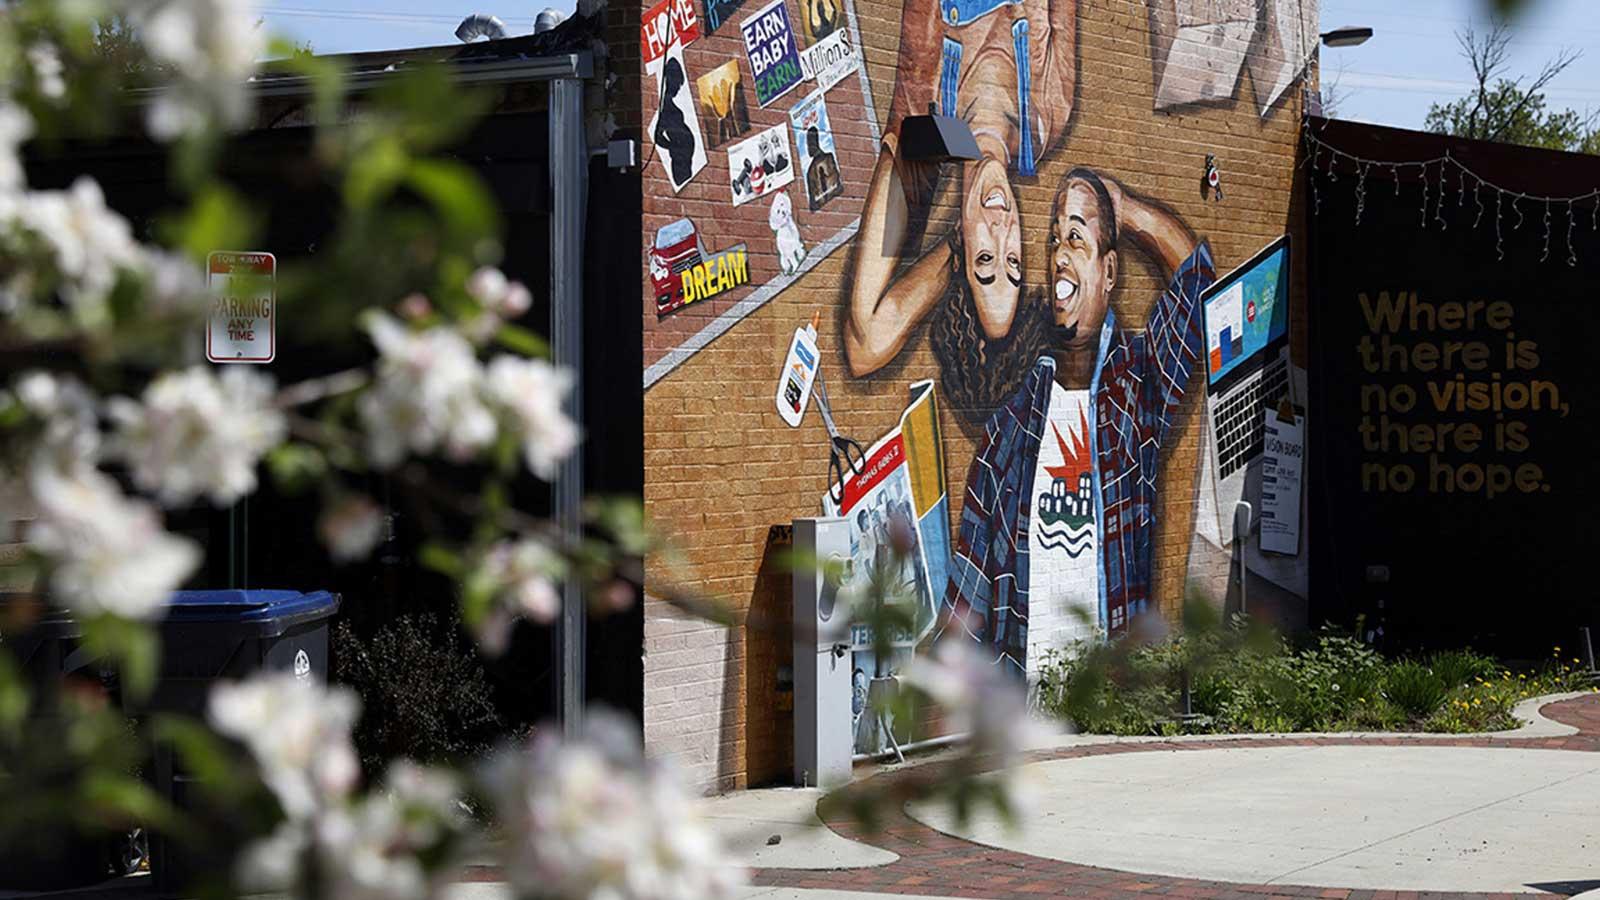 Gibbs-Morrison Cultural Center